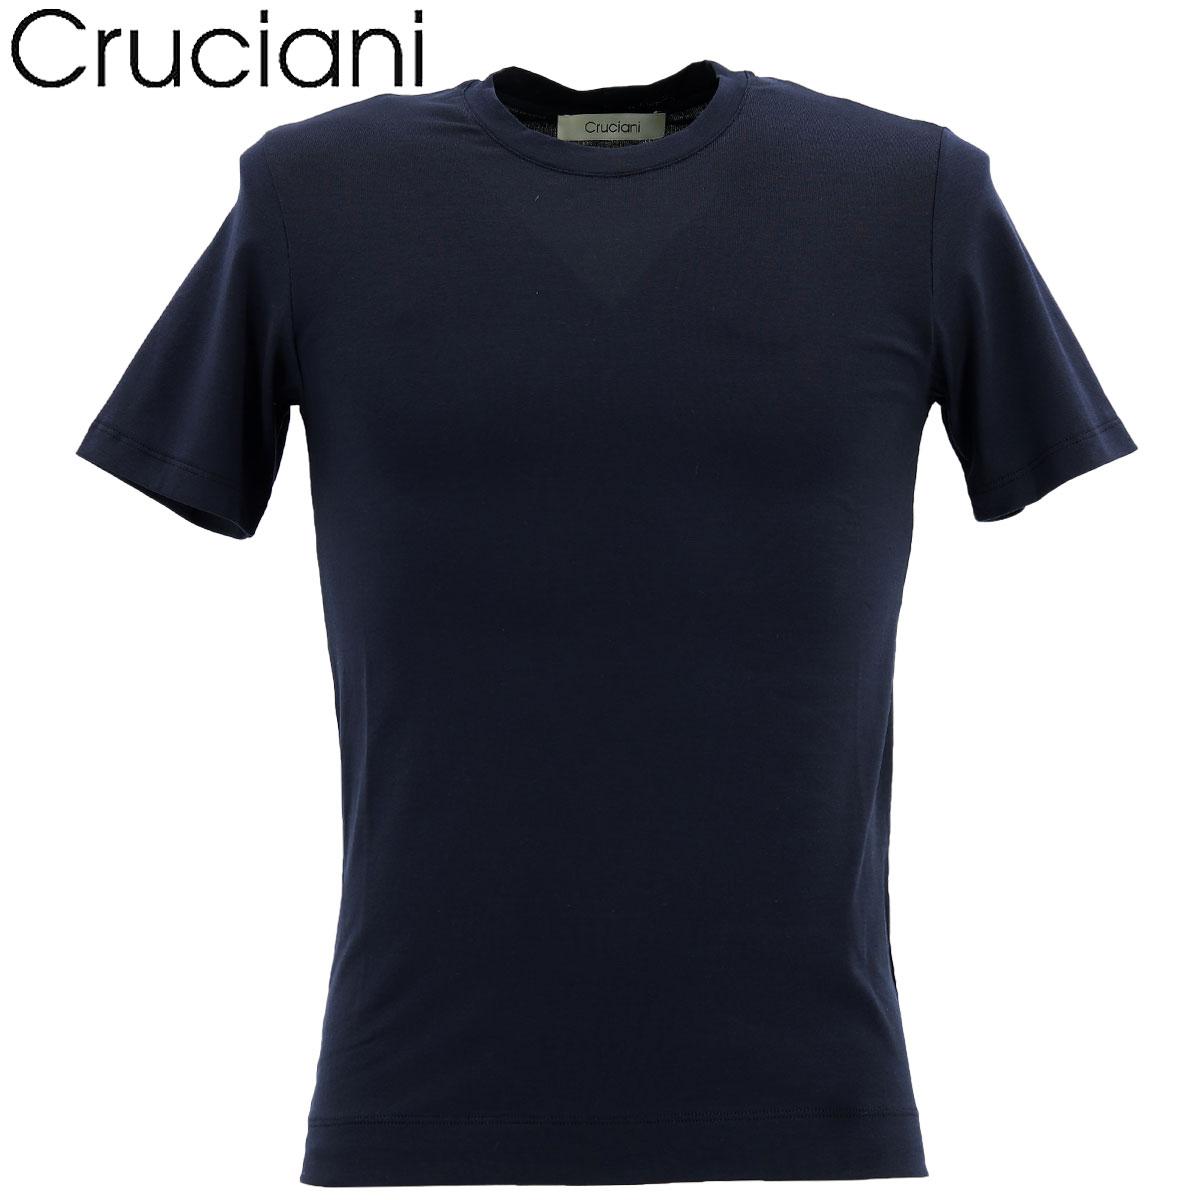 【クリアランスセール】クルチアーニ CRUCIANI メンズ コットン クルーネック 半袖 Tシャツ JU1302/10973(ネイビー)【返品交換不可】